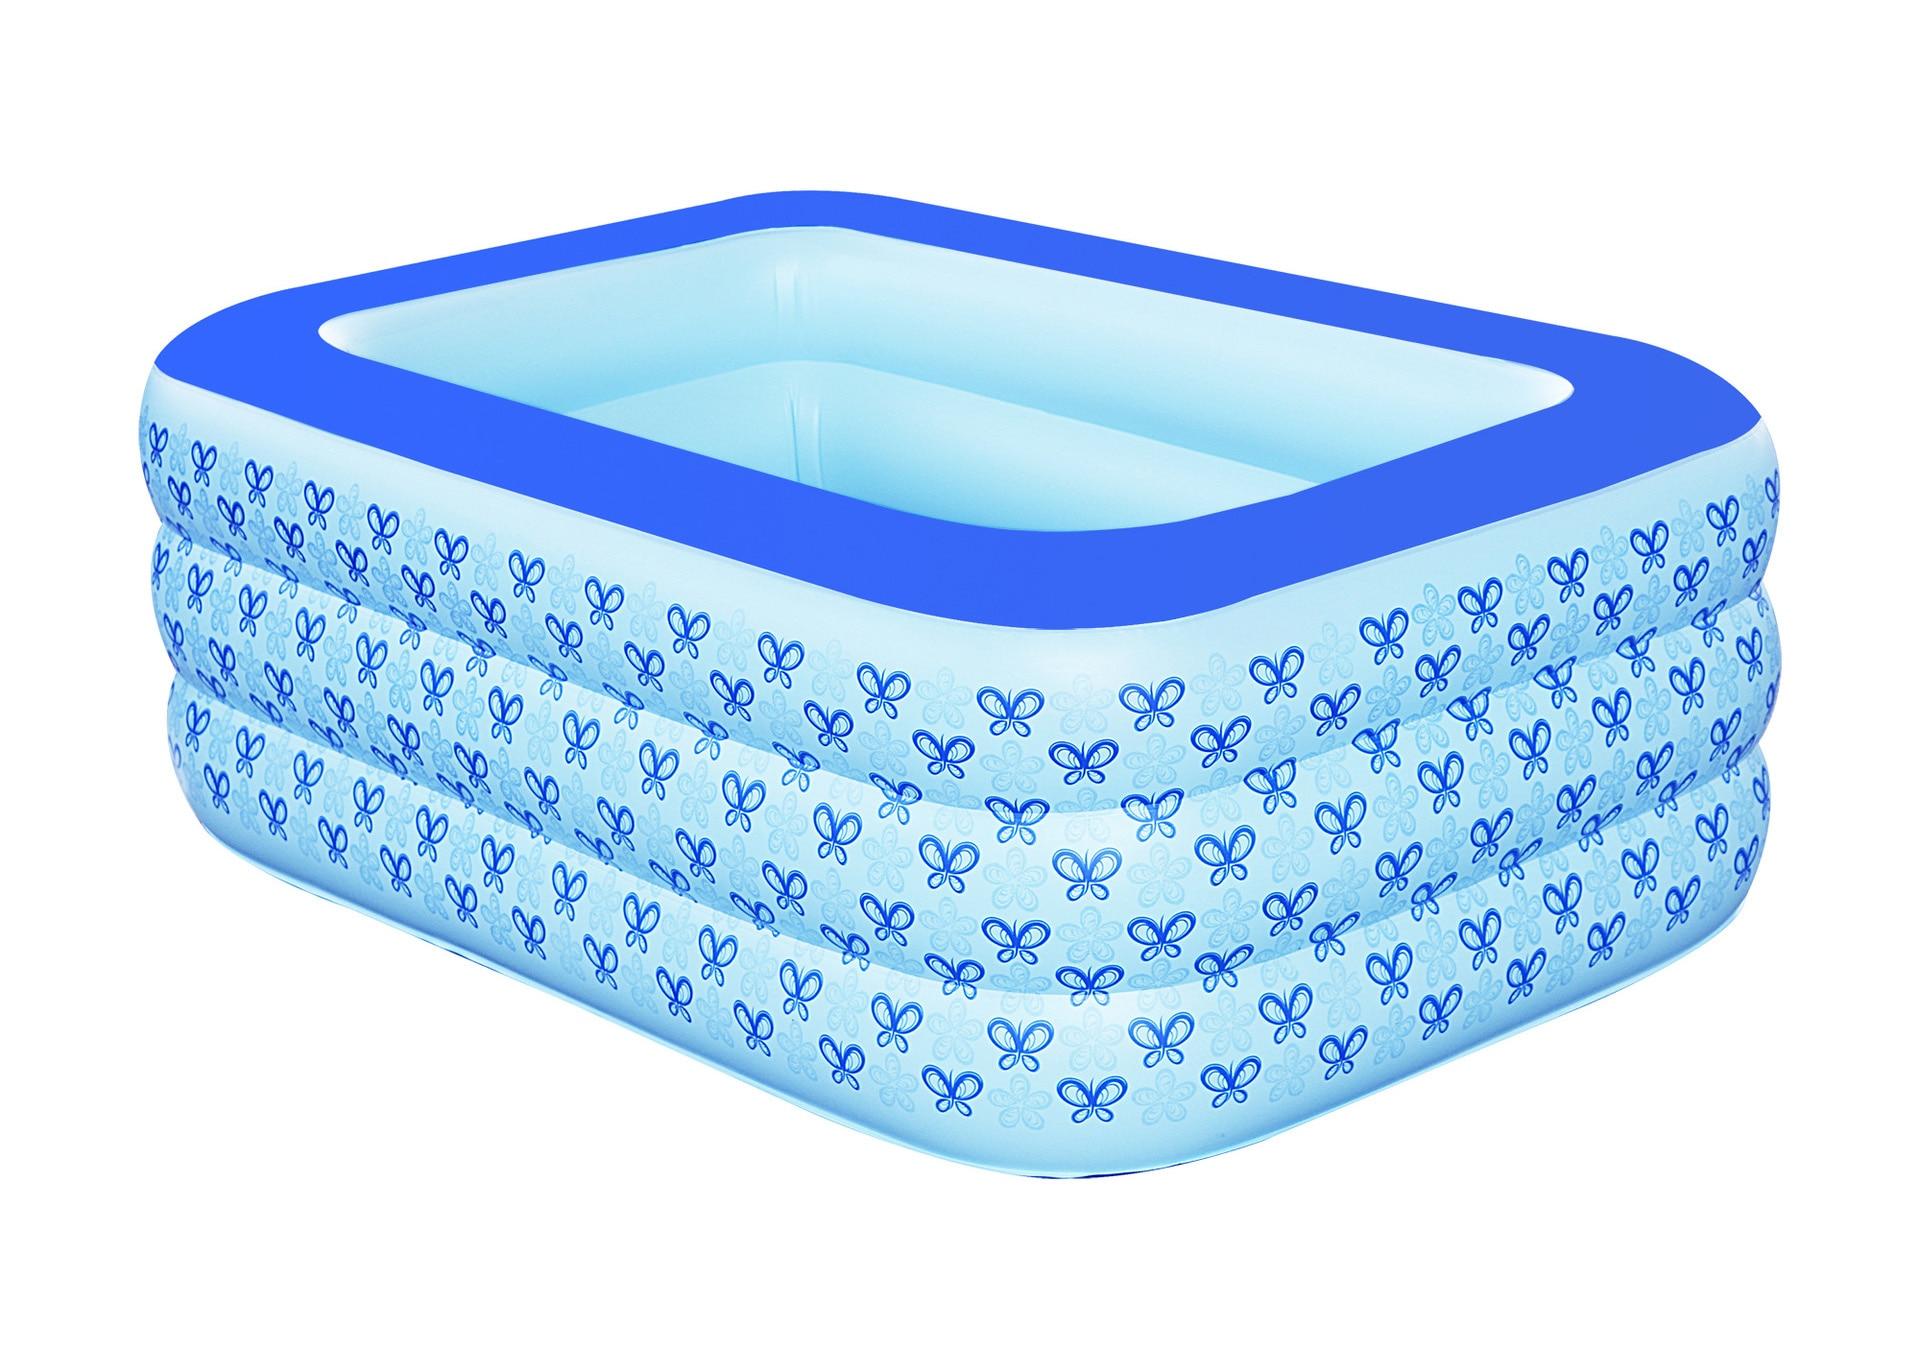 Nouvelle famille gonflable baignoire épaississement isolation bébé piscine de bain baril lavabo, en plastique seau pliant bain baril